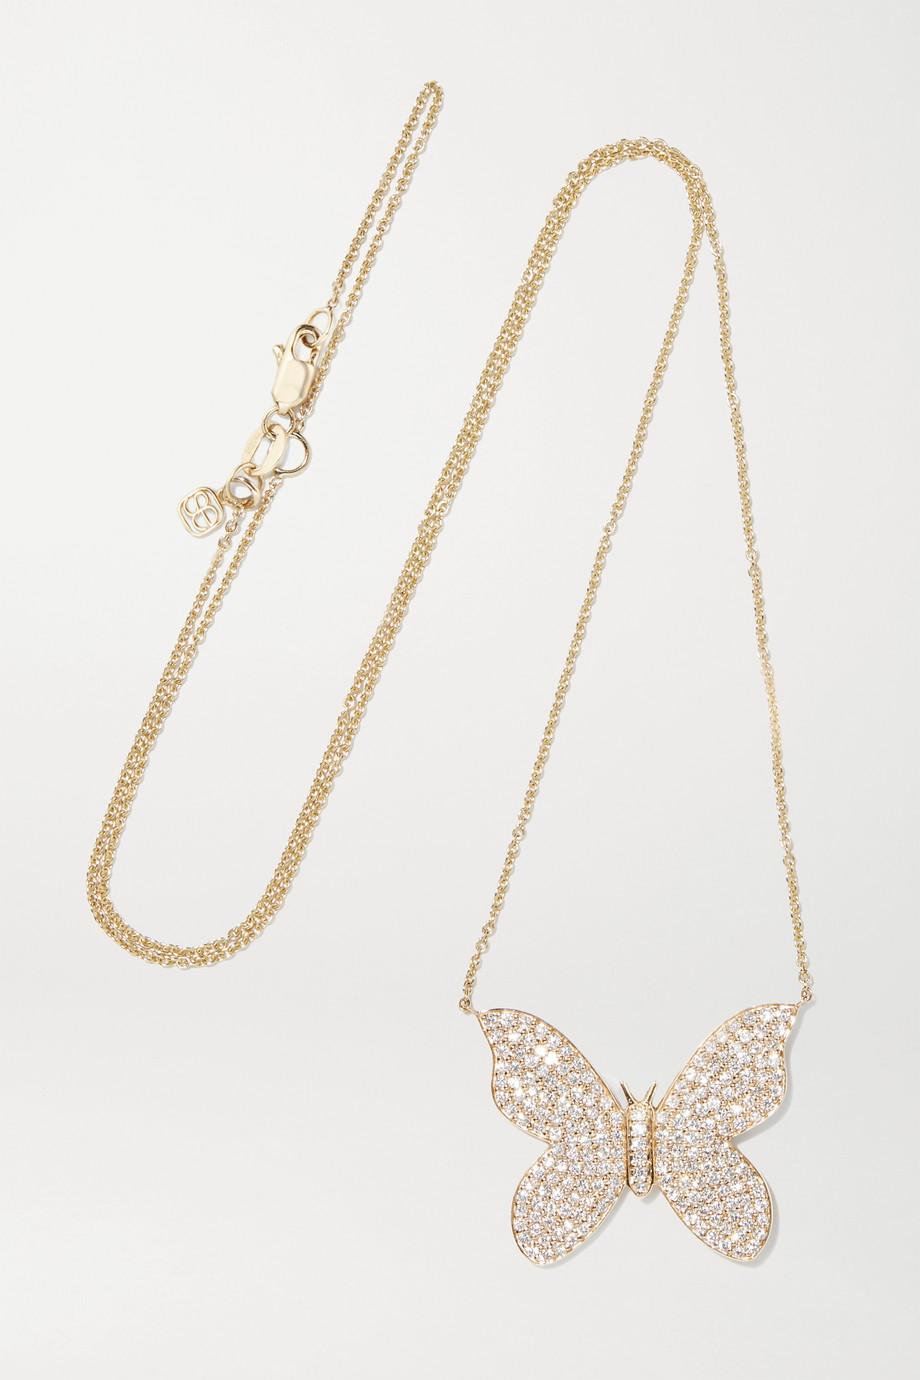 Sydney Evan Large Butterfly Kette aus 14 Karat Gold mit Diamanten